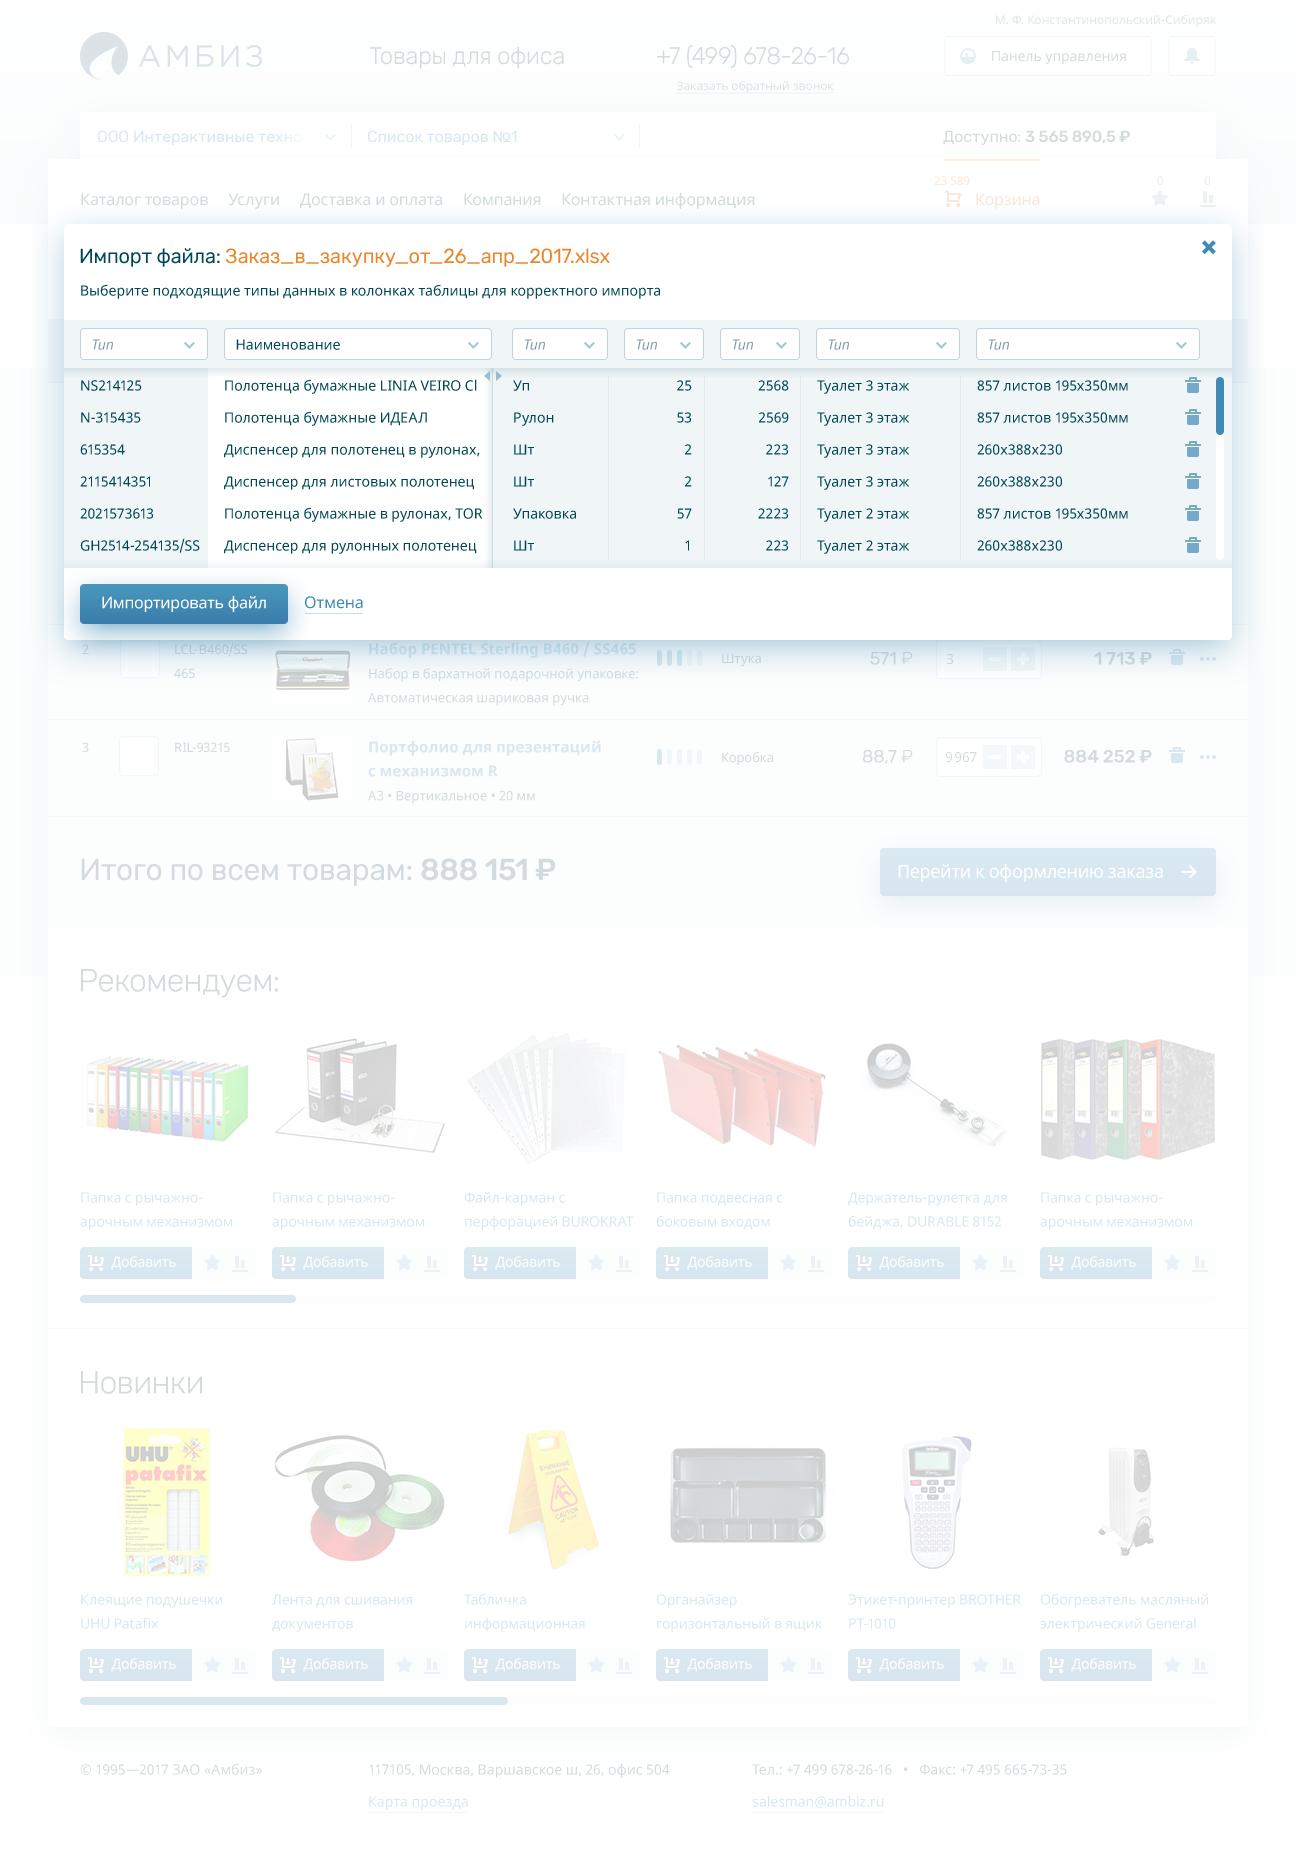 Корзина с товарами _ Товары с тегами и описанием _ Импорт данных.png